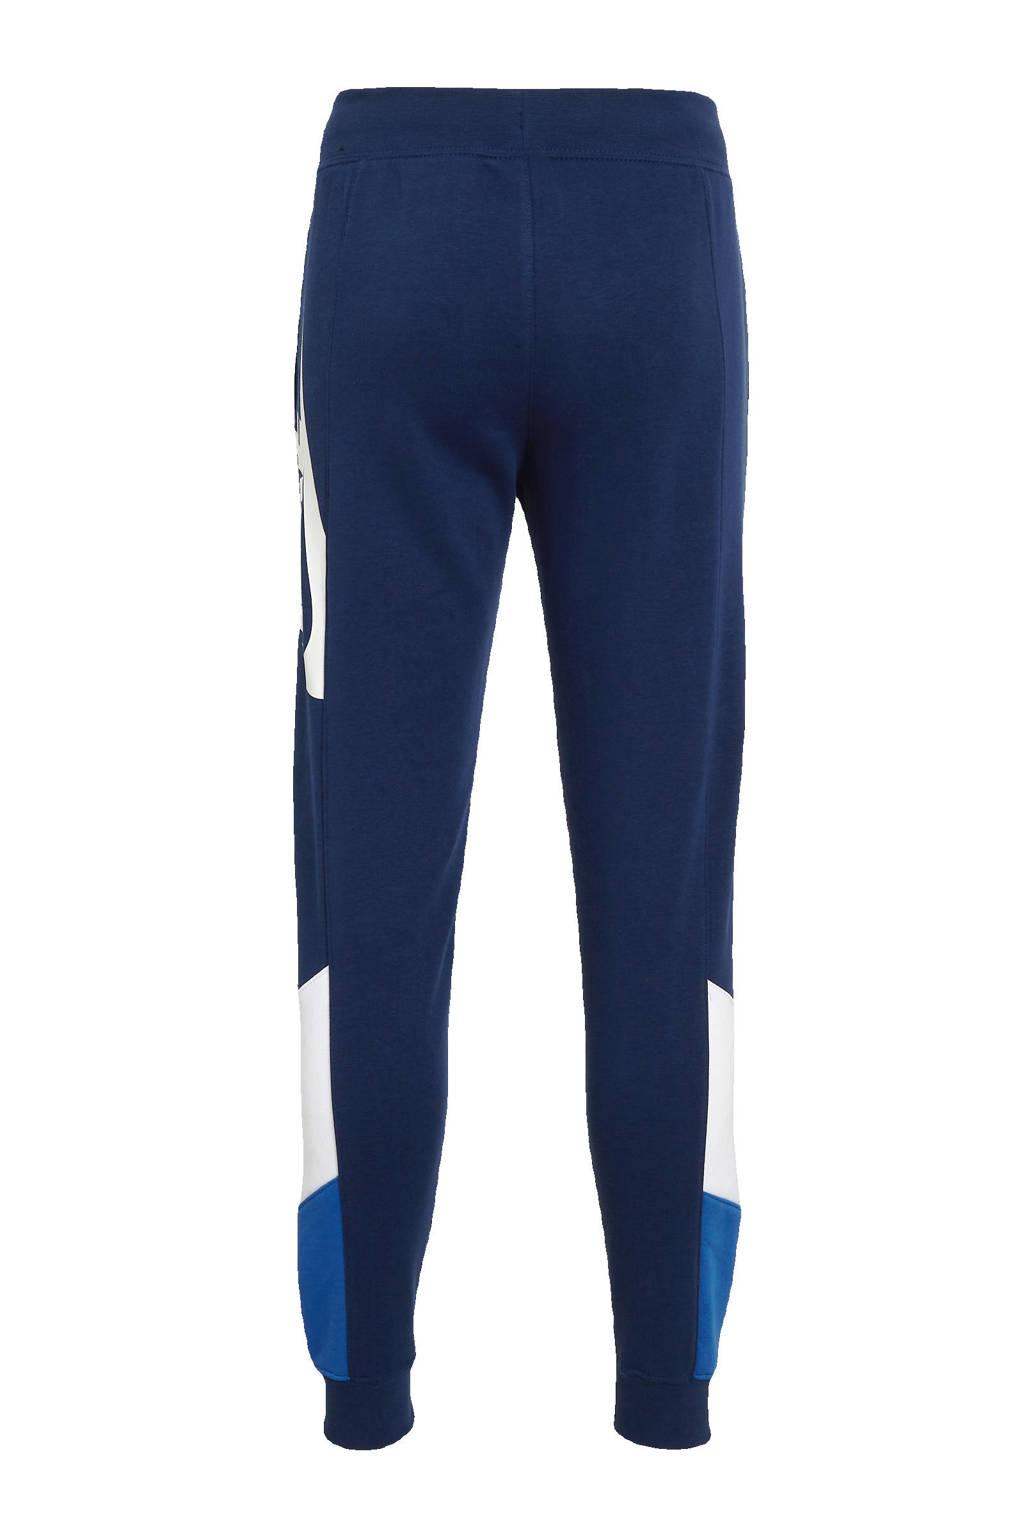 Nike joggingbroek blauw/wit, Blauw/wit